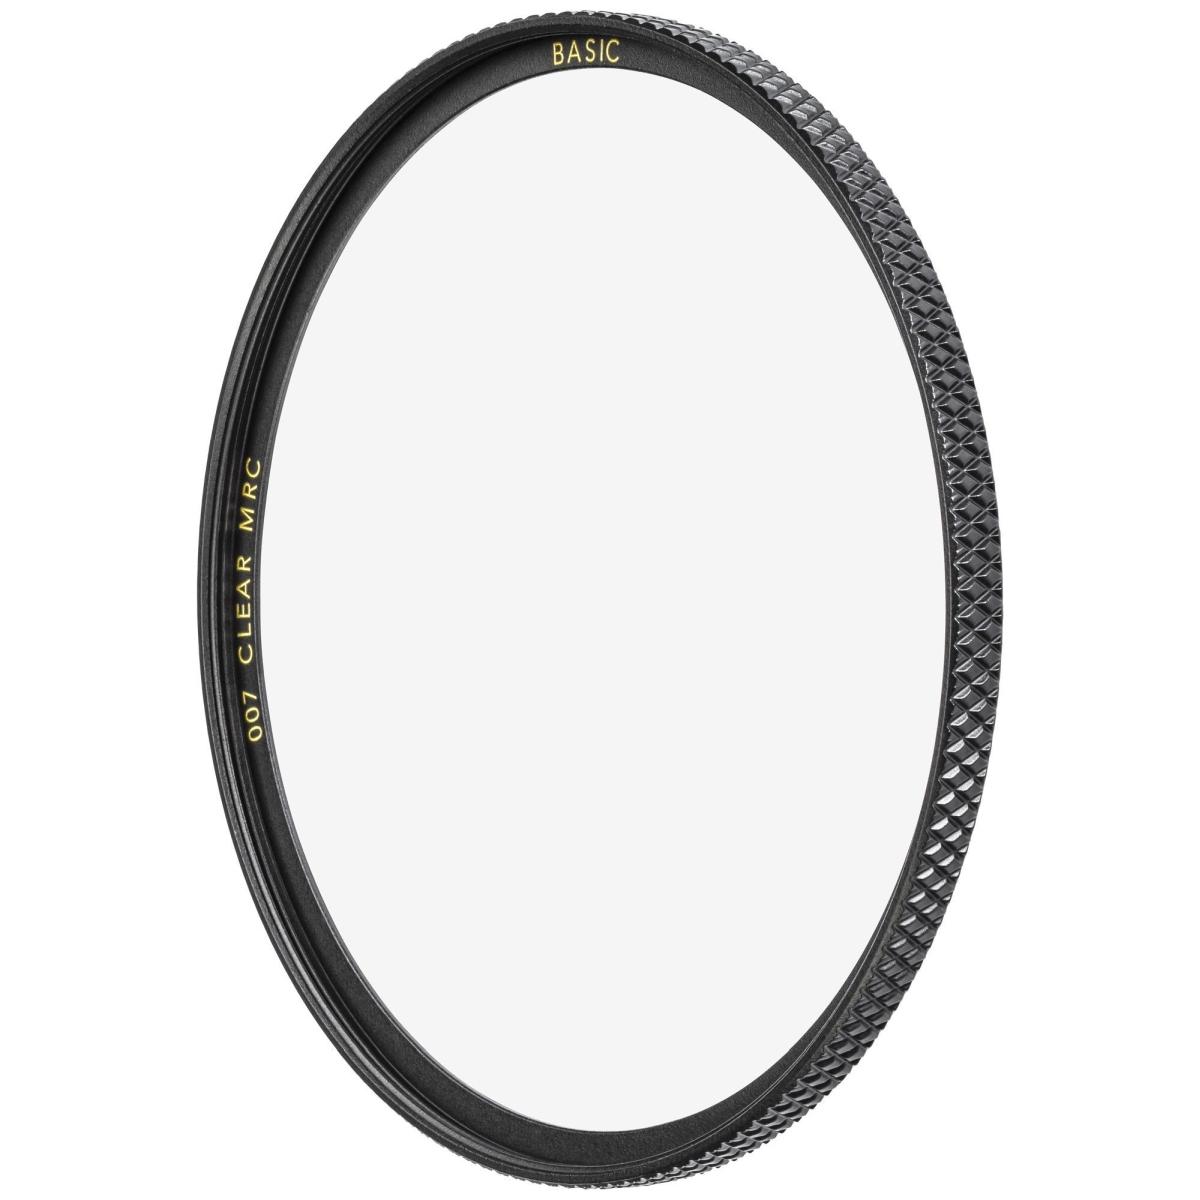 B+W Clear Filter 39 mm MRC Basic